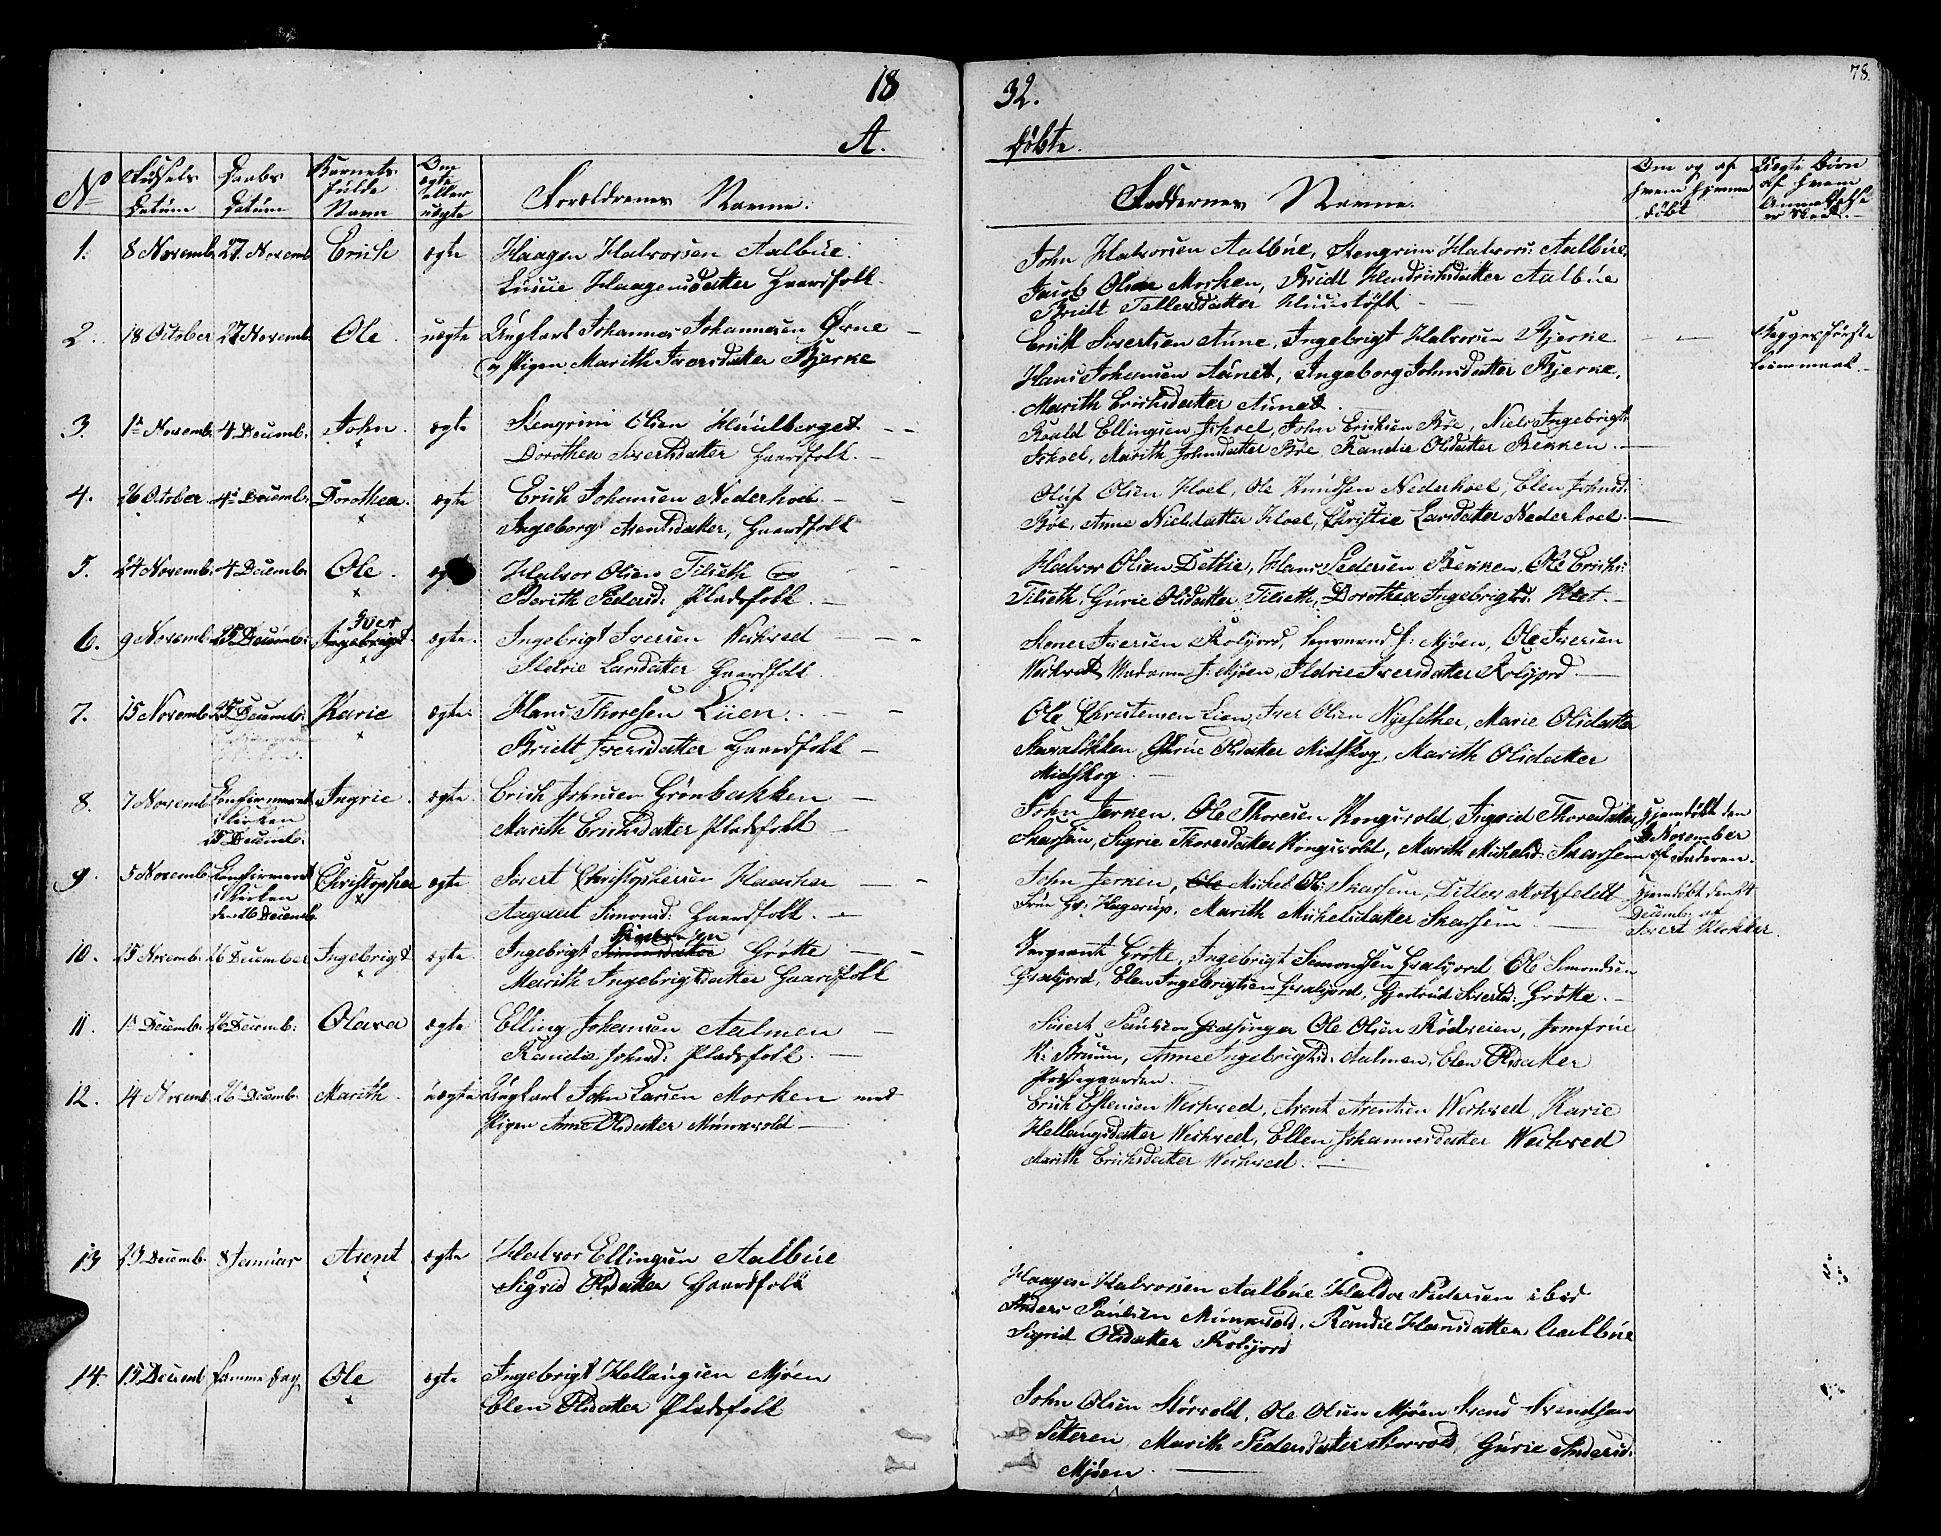 SAT, Ministerialprotokoller, klokkerbøker og fødselsregistre - Sør-Trøndelag, 678/L0897: Ministerialbok nr. 678A06-07, 1821-1847, s. 78